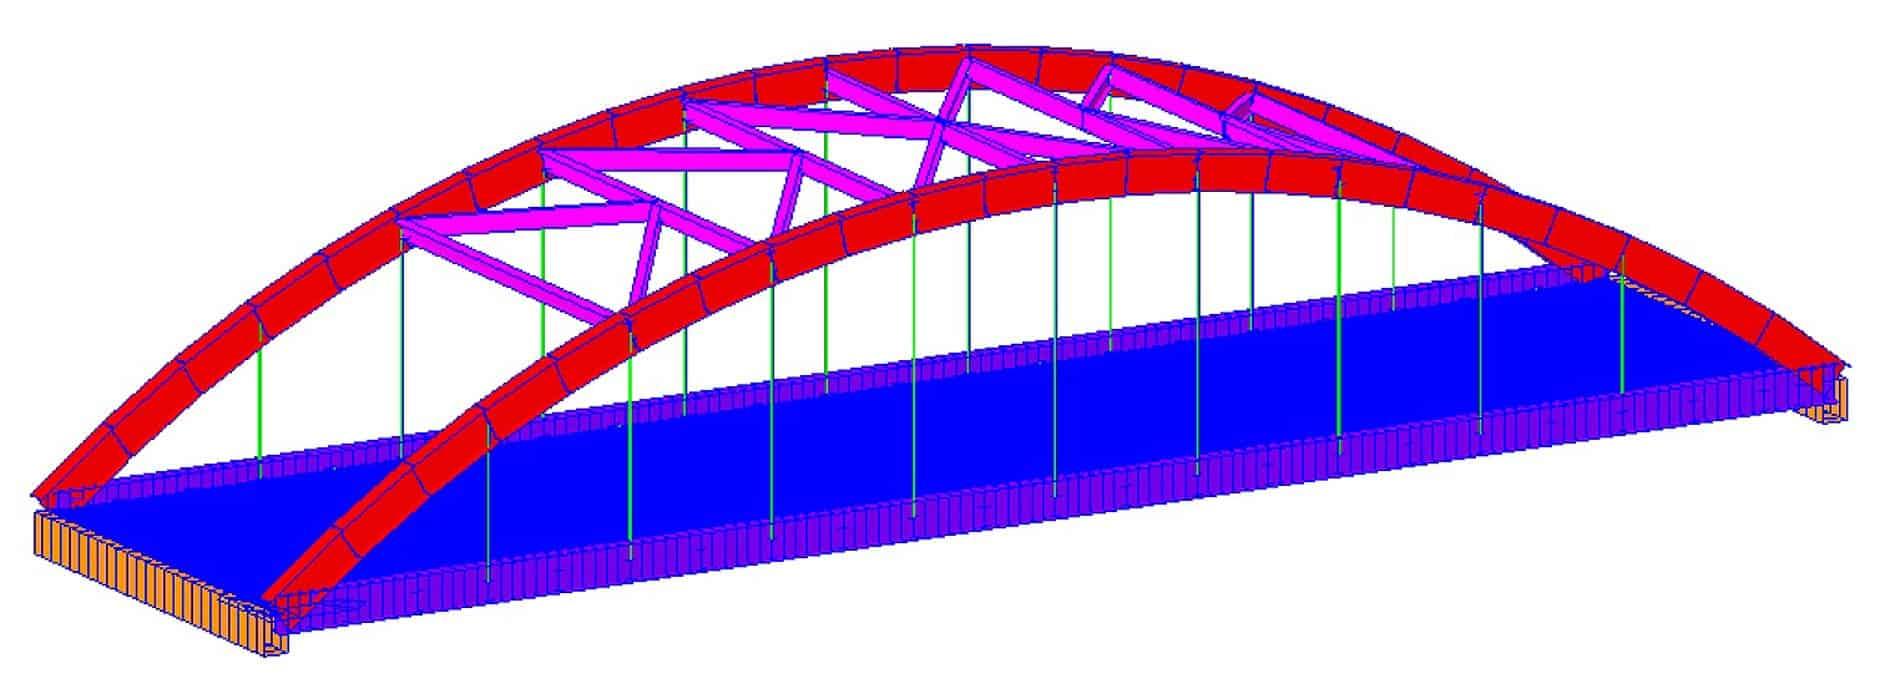 Il modello 3D del ponte di Ca' Dondi